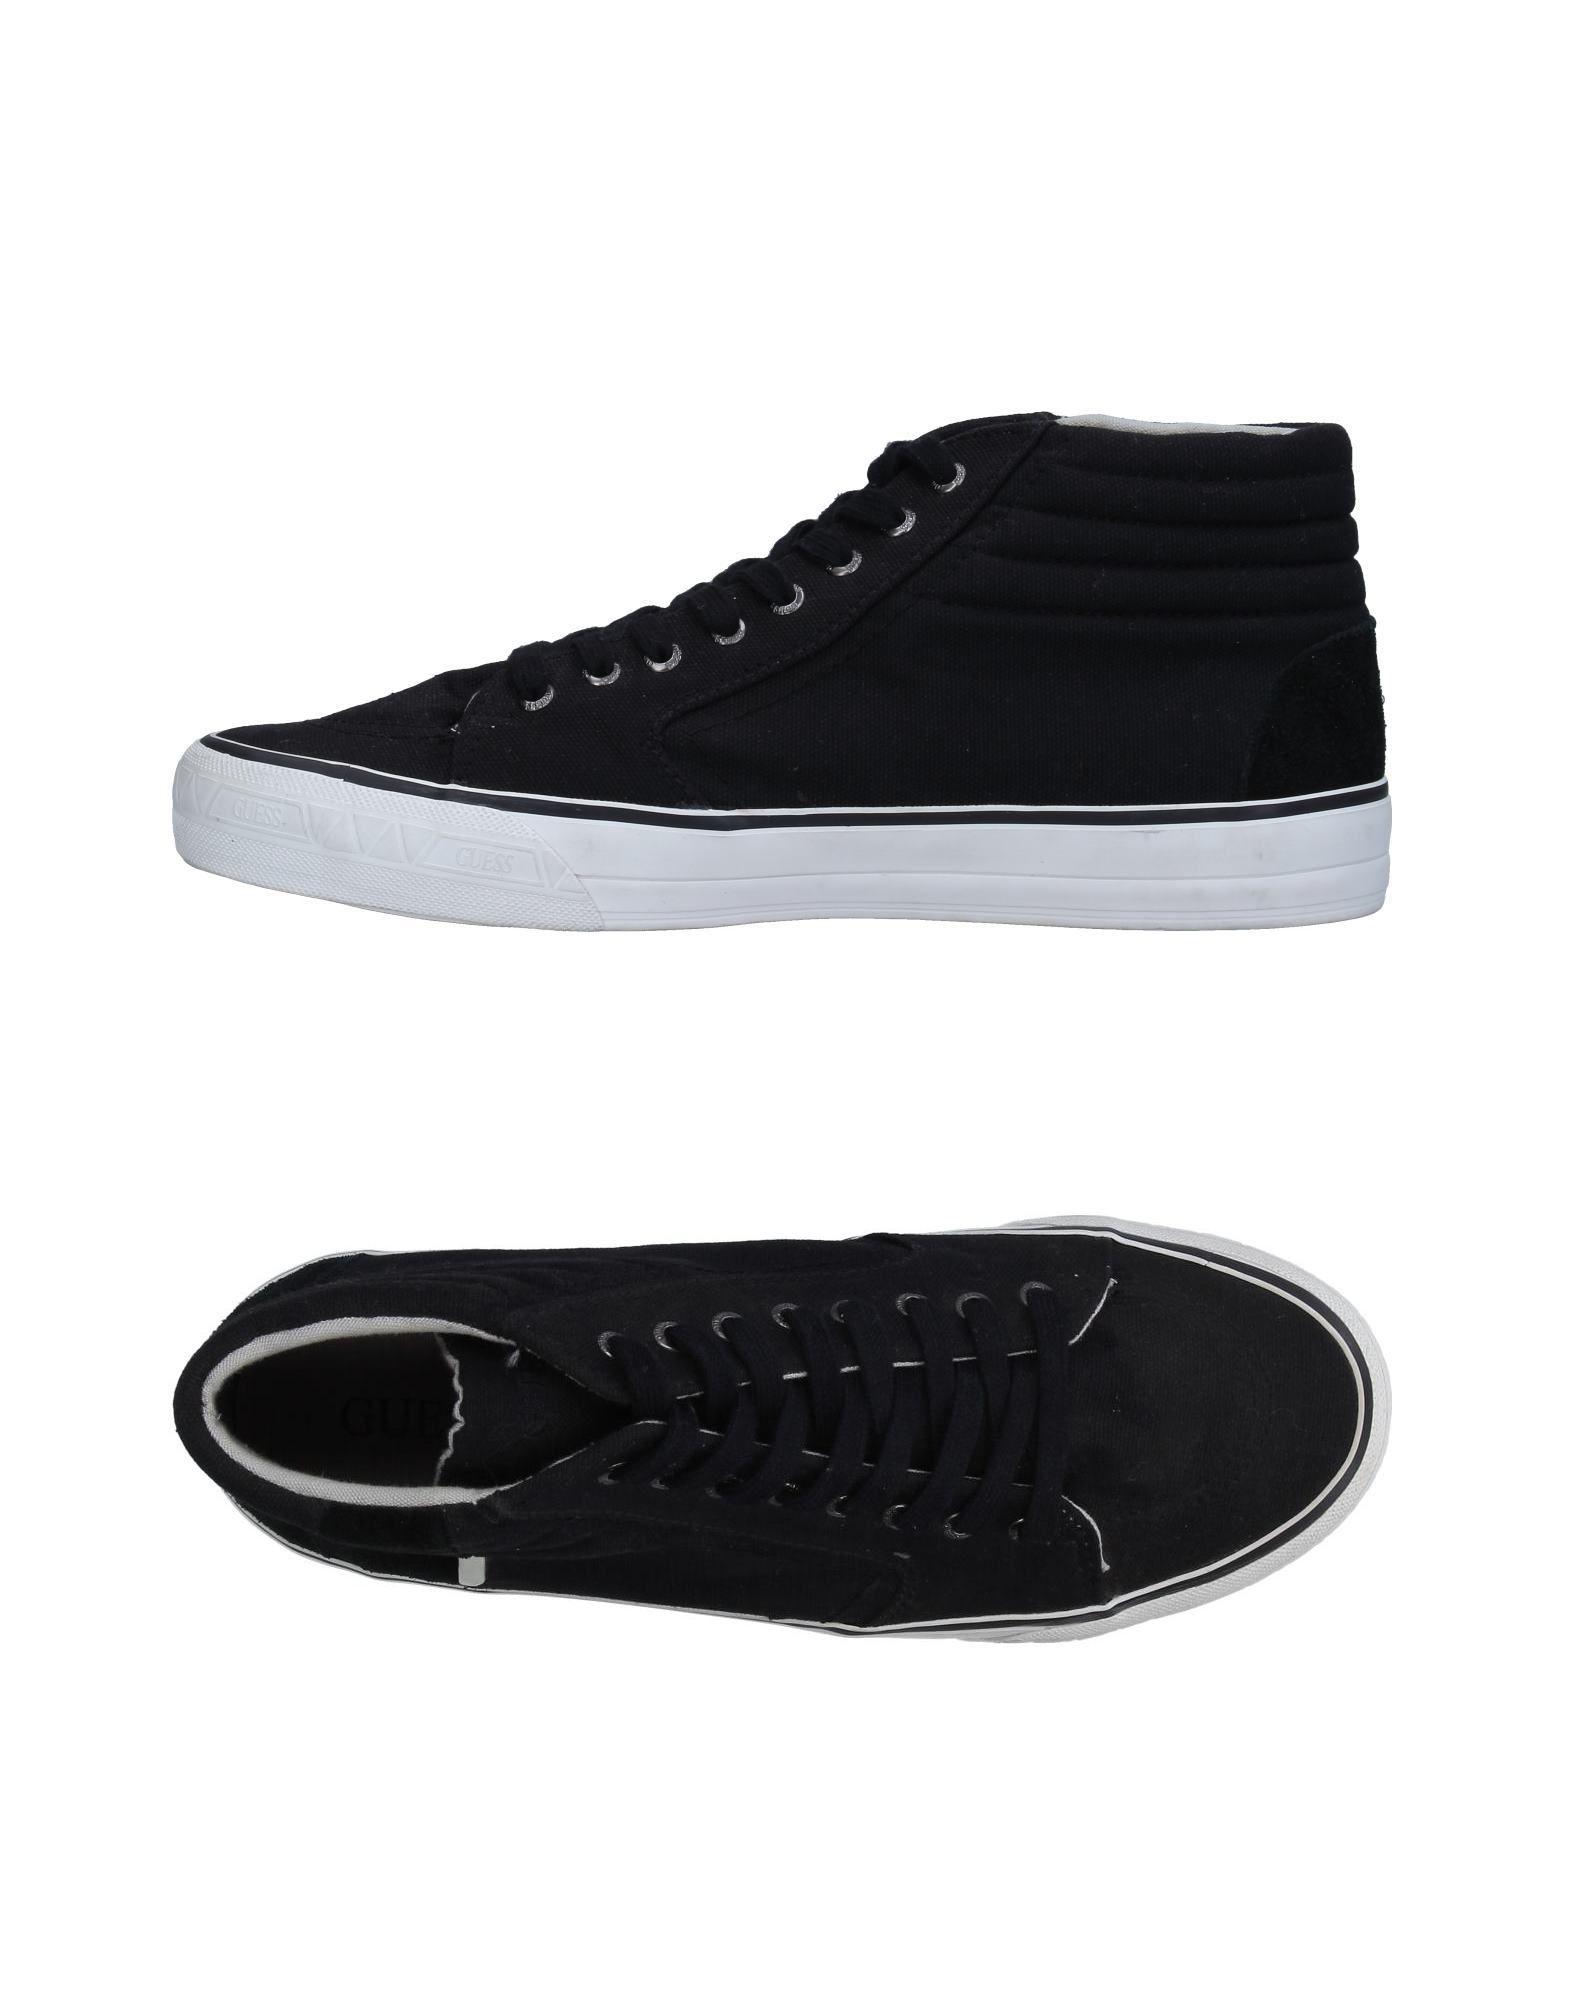 Sneakers Guess Homme - Sneakers Guess  Noir Meilleur modèle de vente